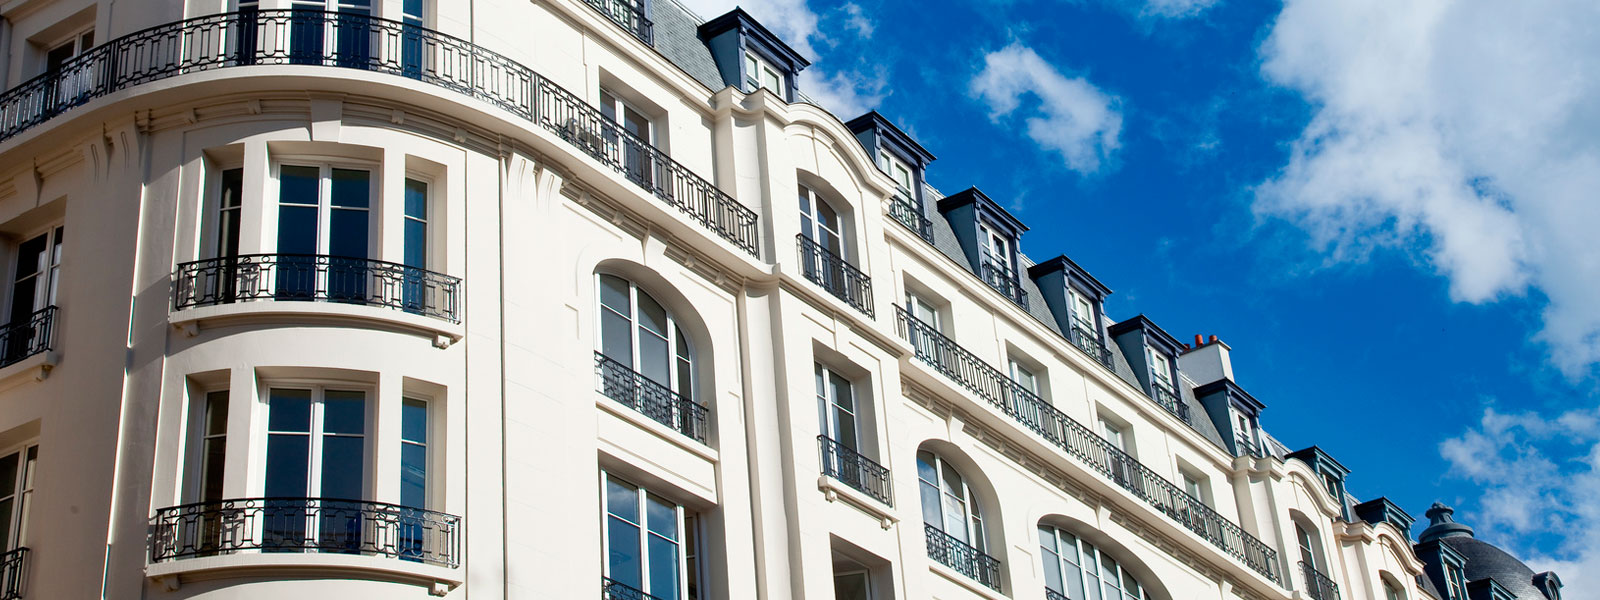 Immobilien Mitterer - Diskreter Verkauf